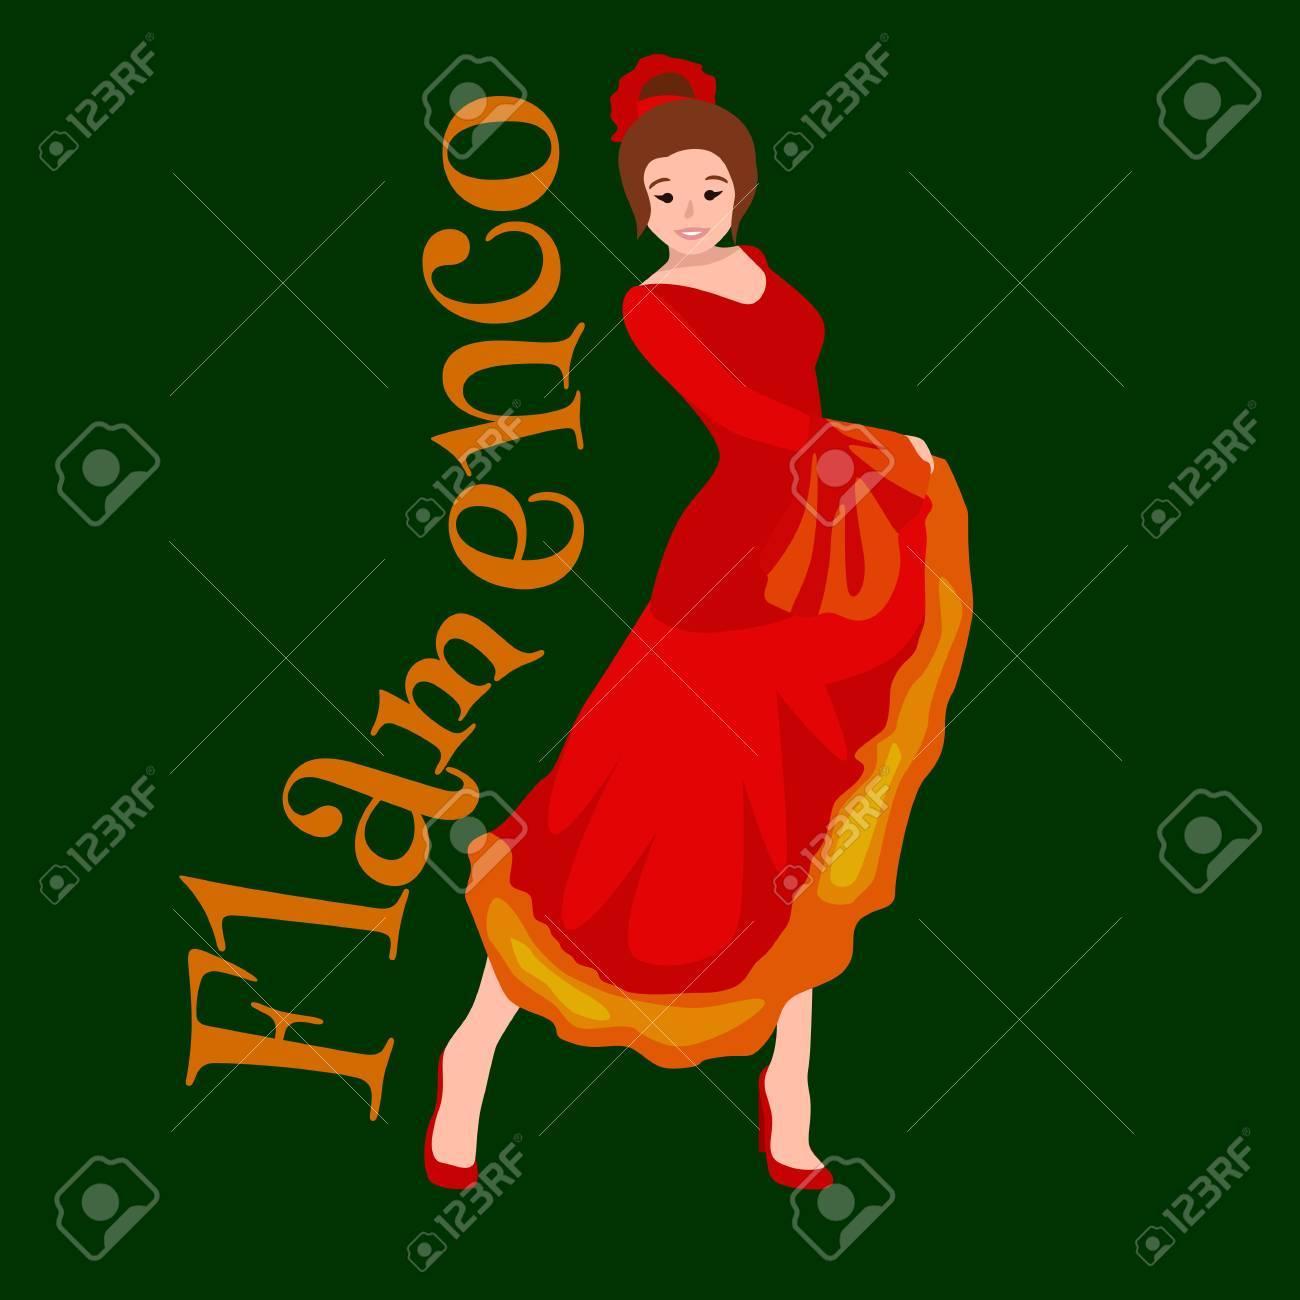 c9a7a8716 Bailarina Española De Flamenco Chica De Vestido Rojo